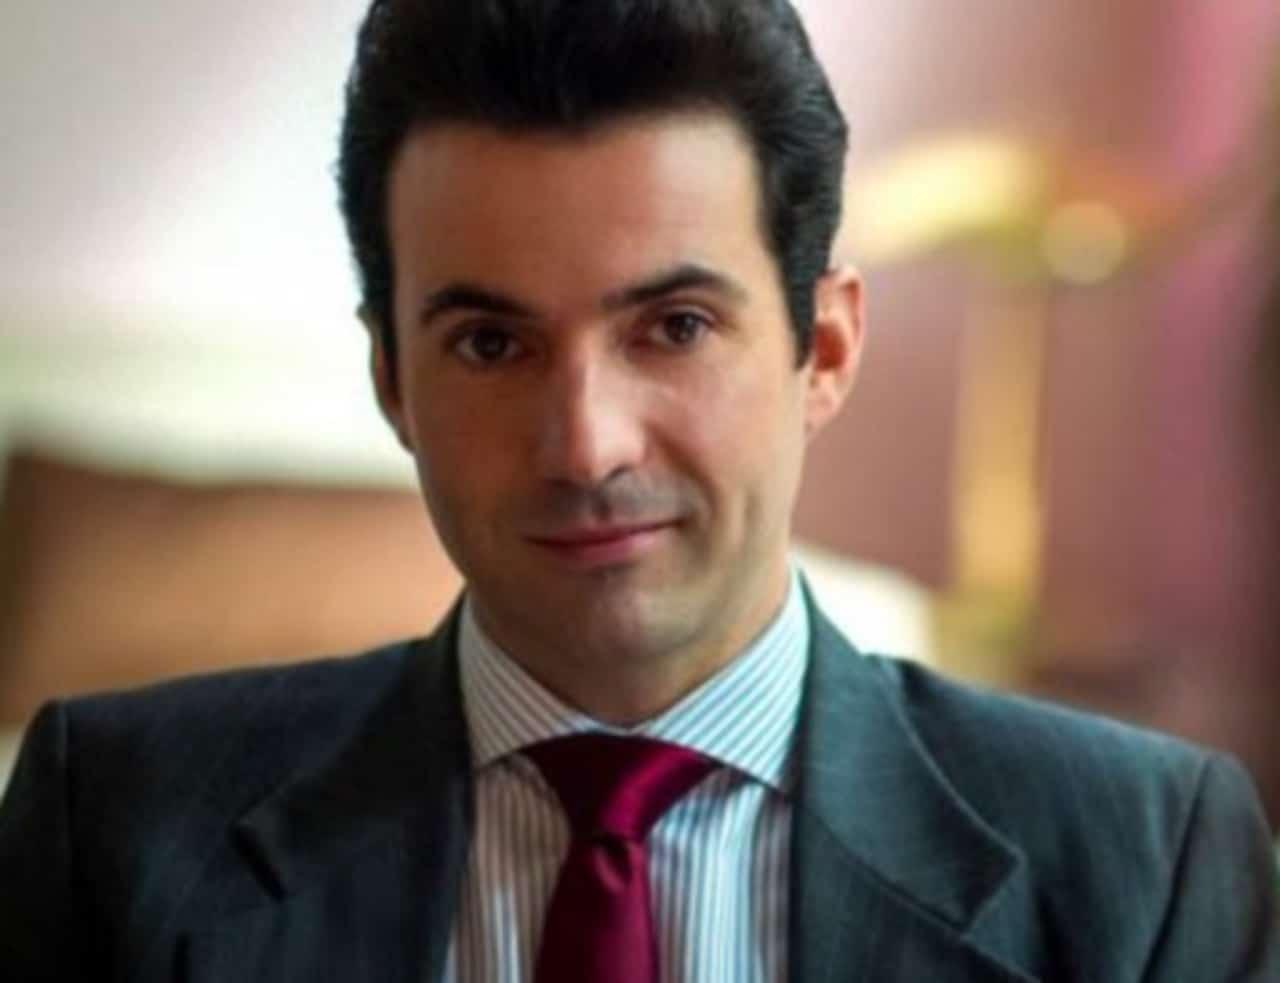 Patricio Luis Miguel La Serie